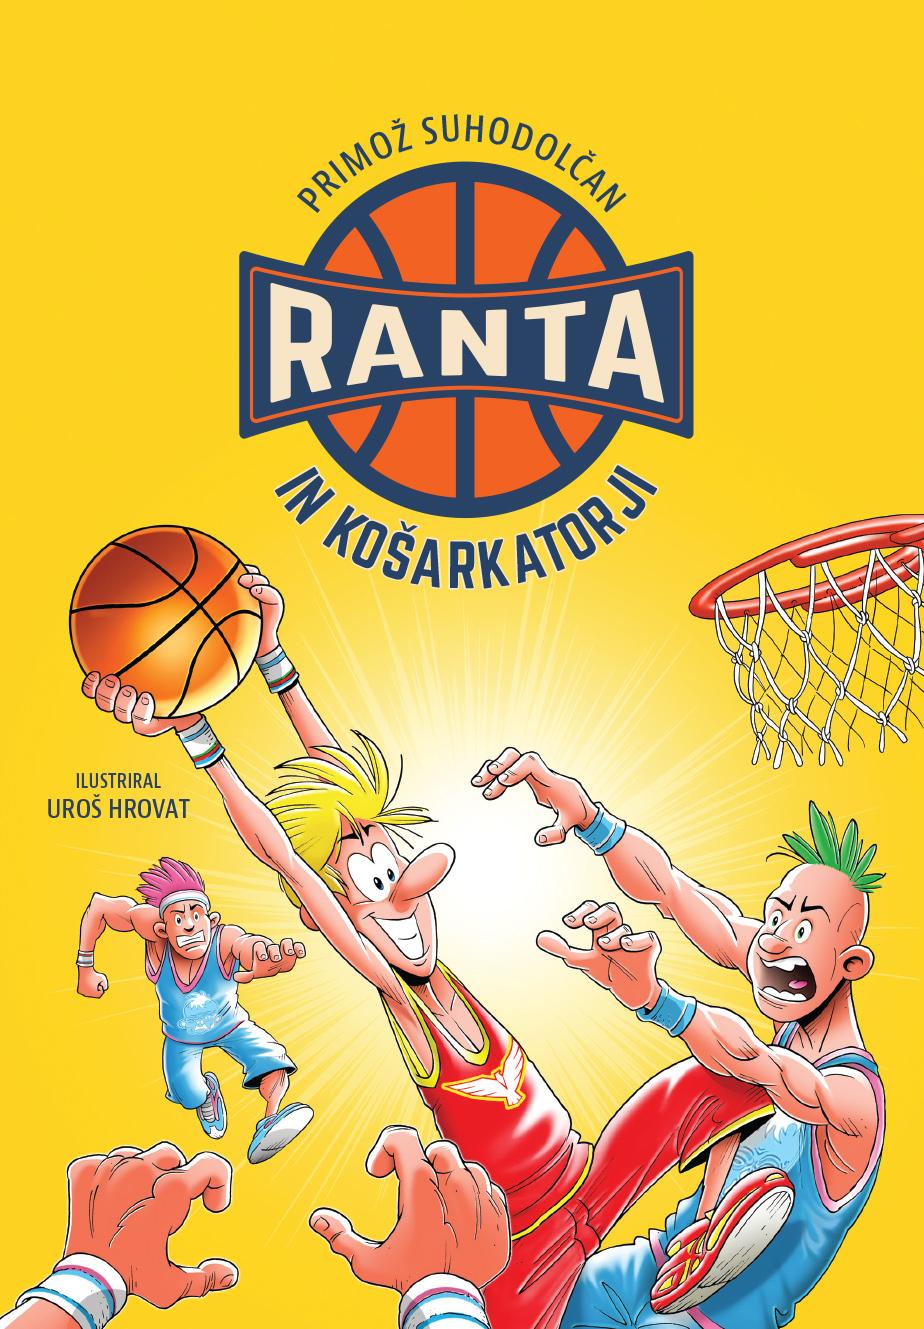 Ranta-in-kosarkatorji-2018